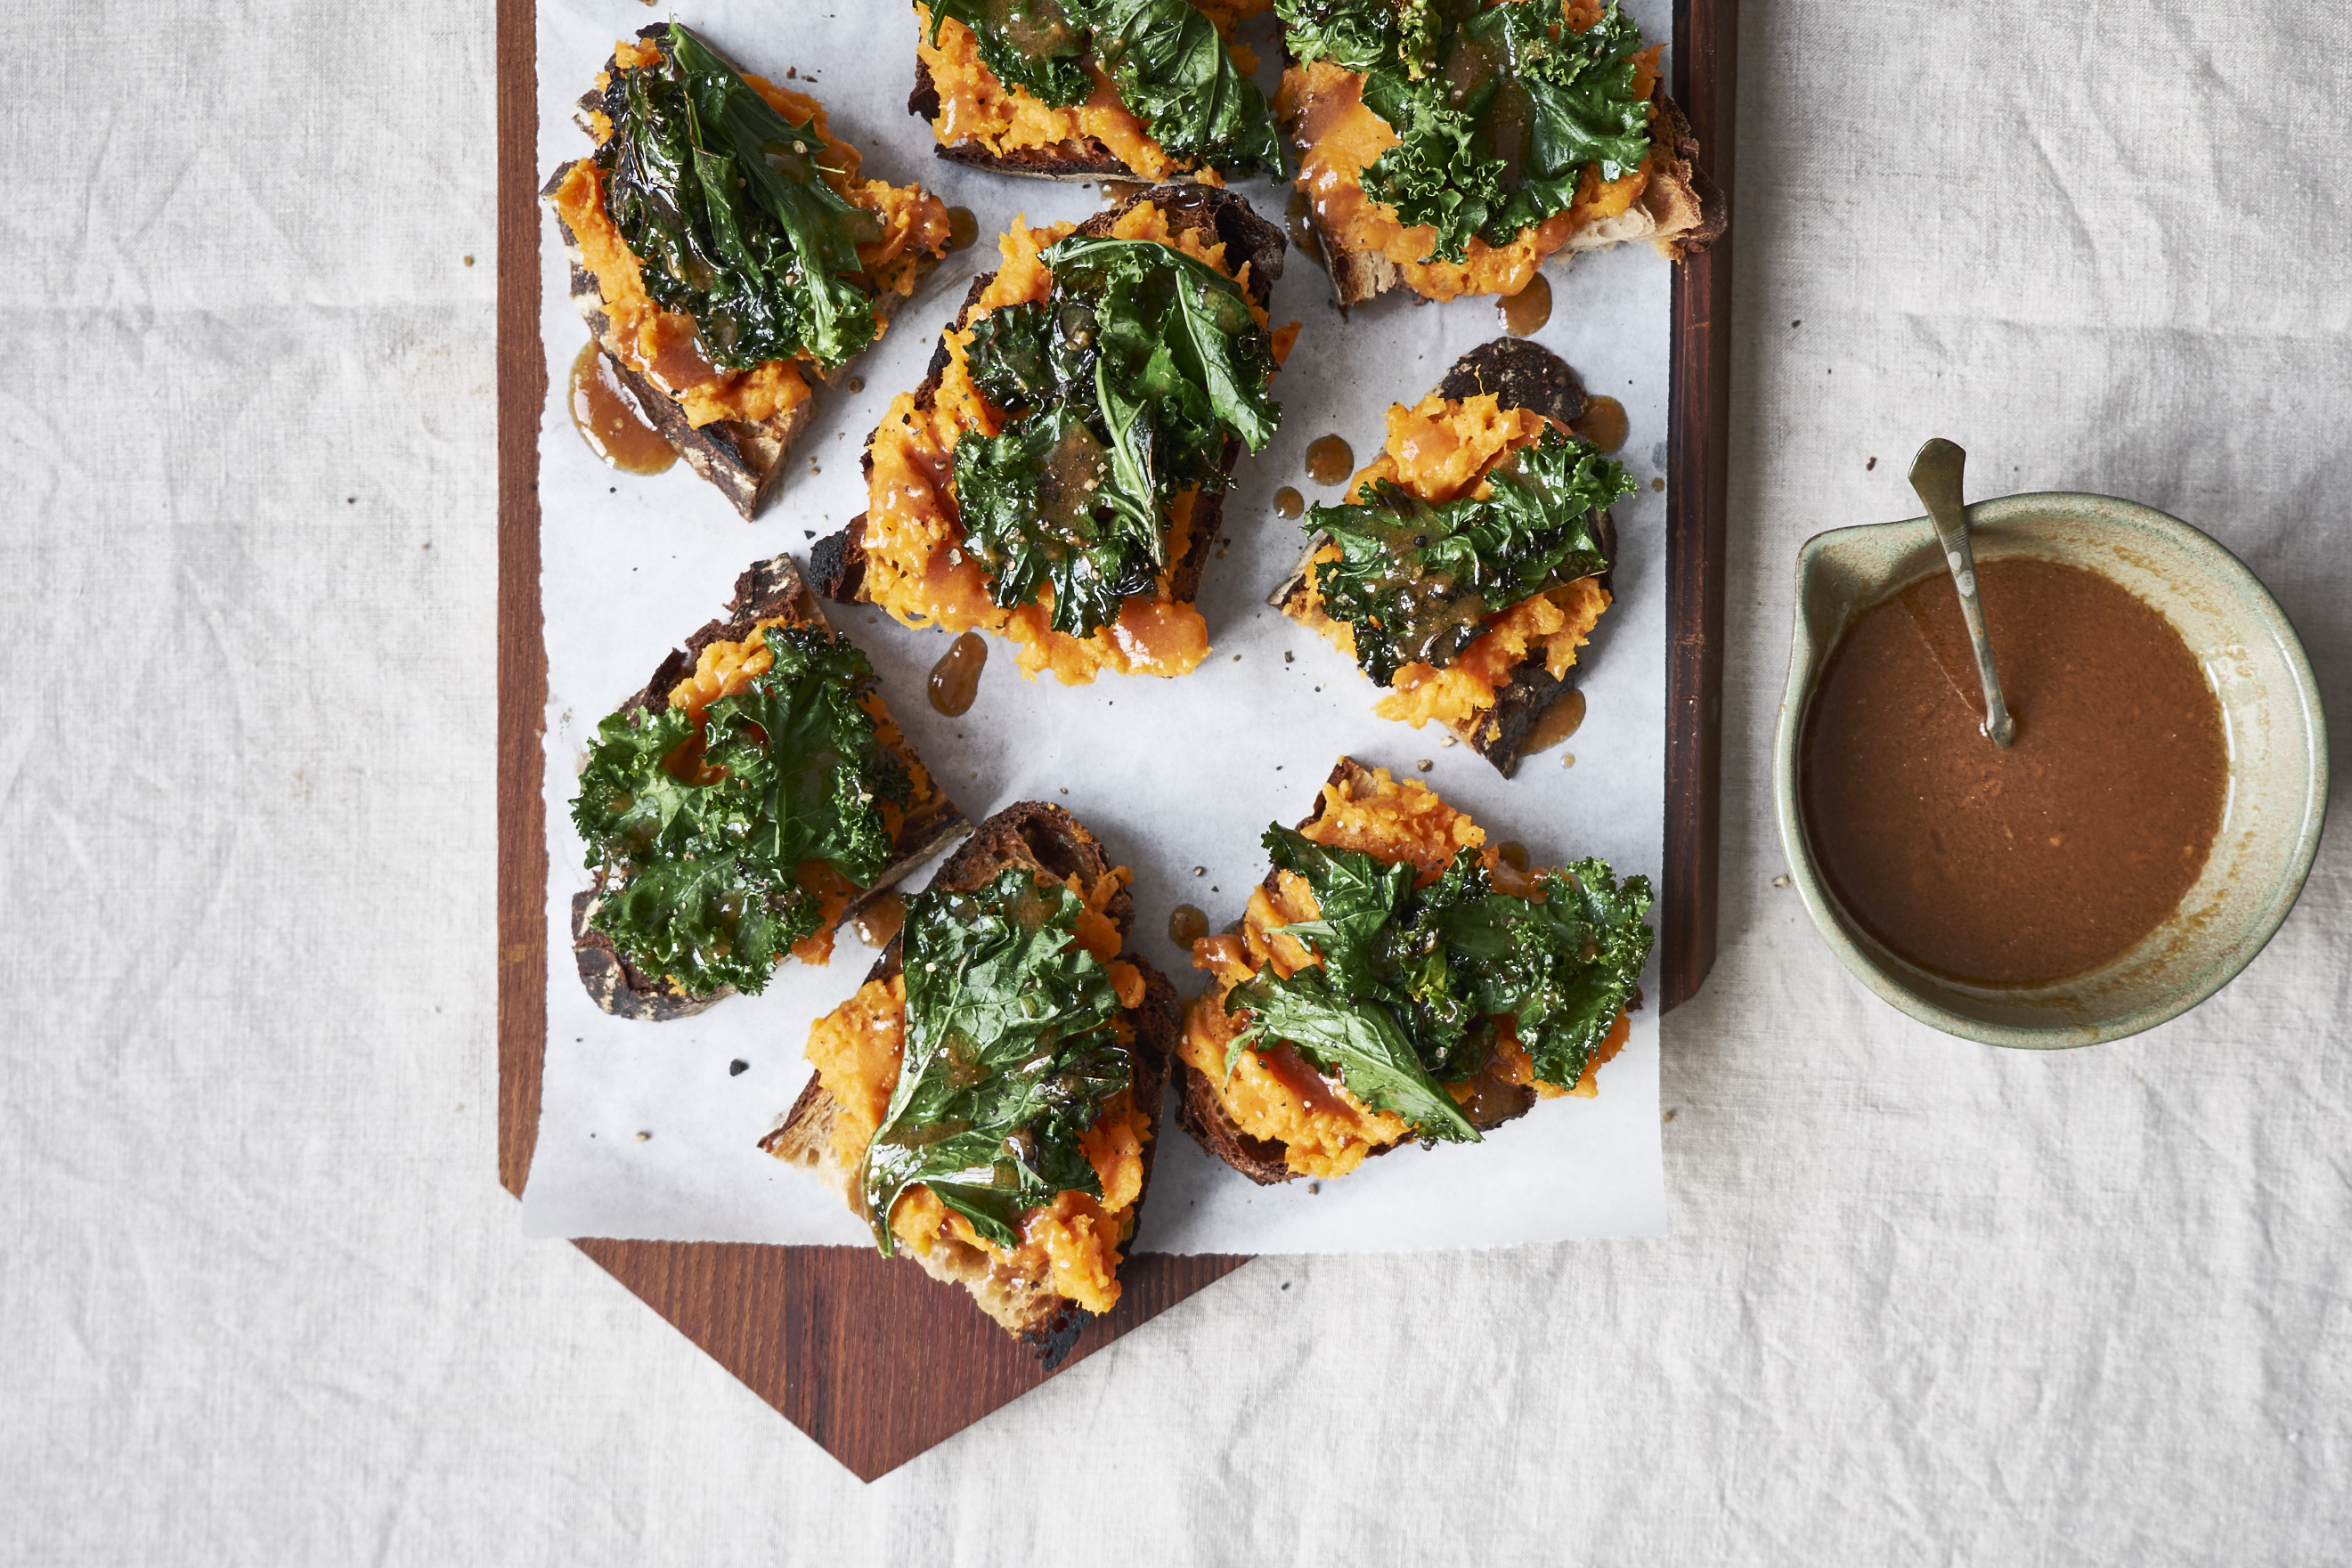 Süßkartoffel-Brote mit Grünkohl und Miso-Dressing